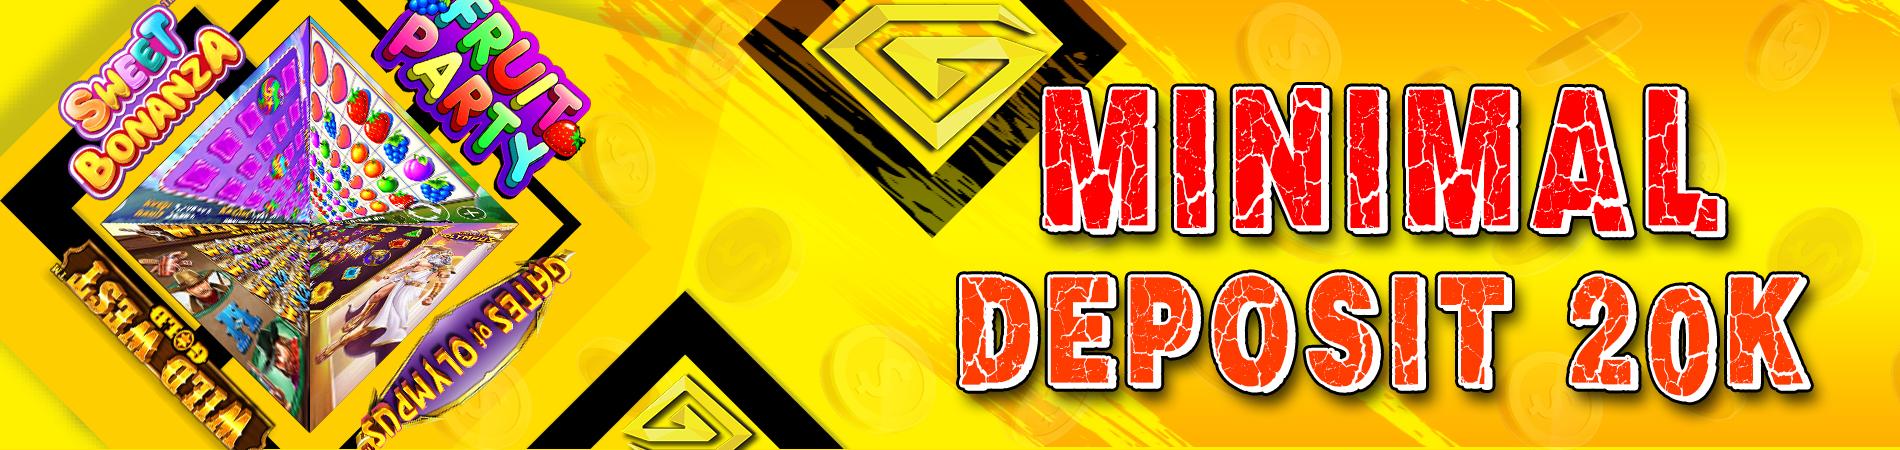 MINIMAL DEPOSIT